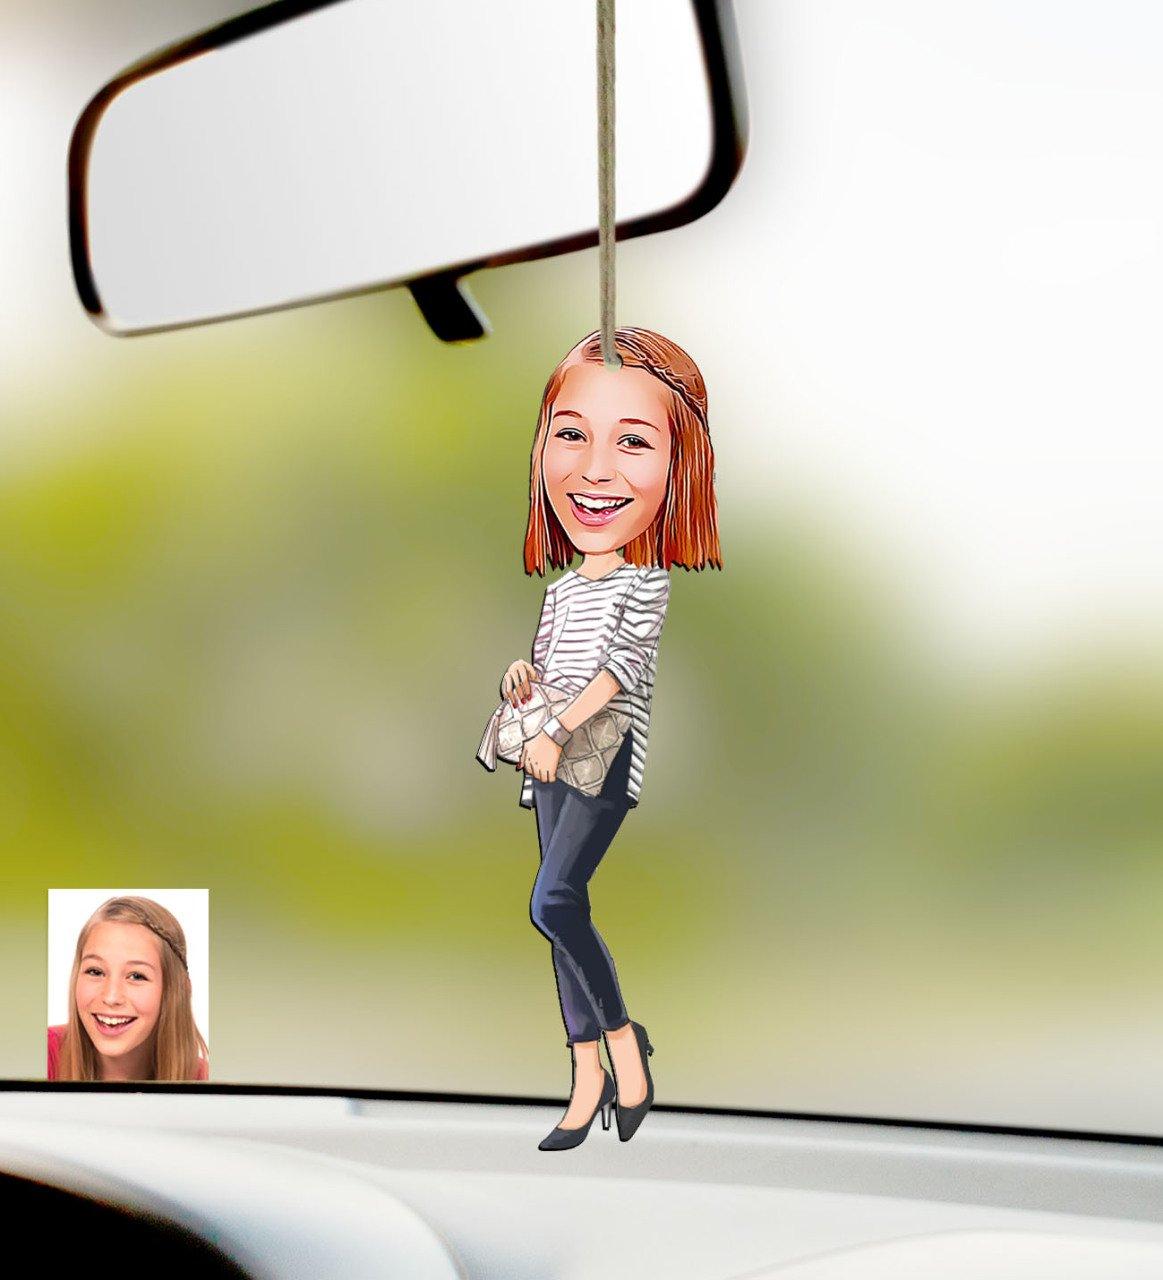 Süsü-11-مرآة سيارة خشبية ، شخصية